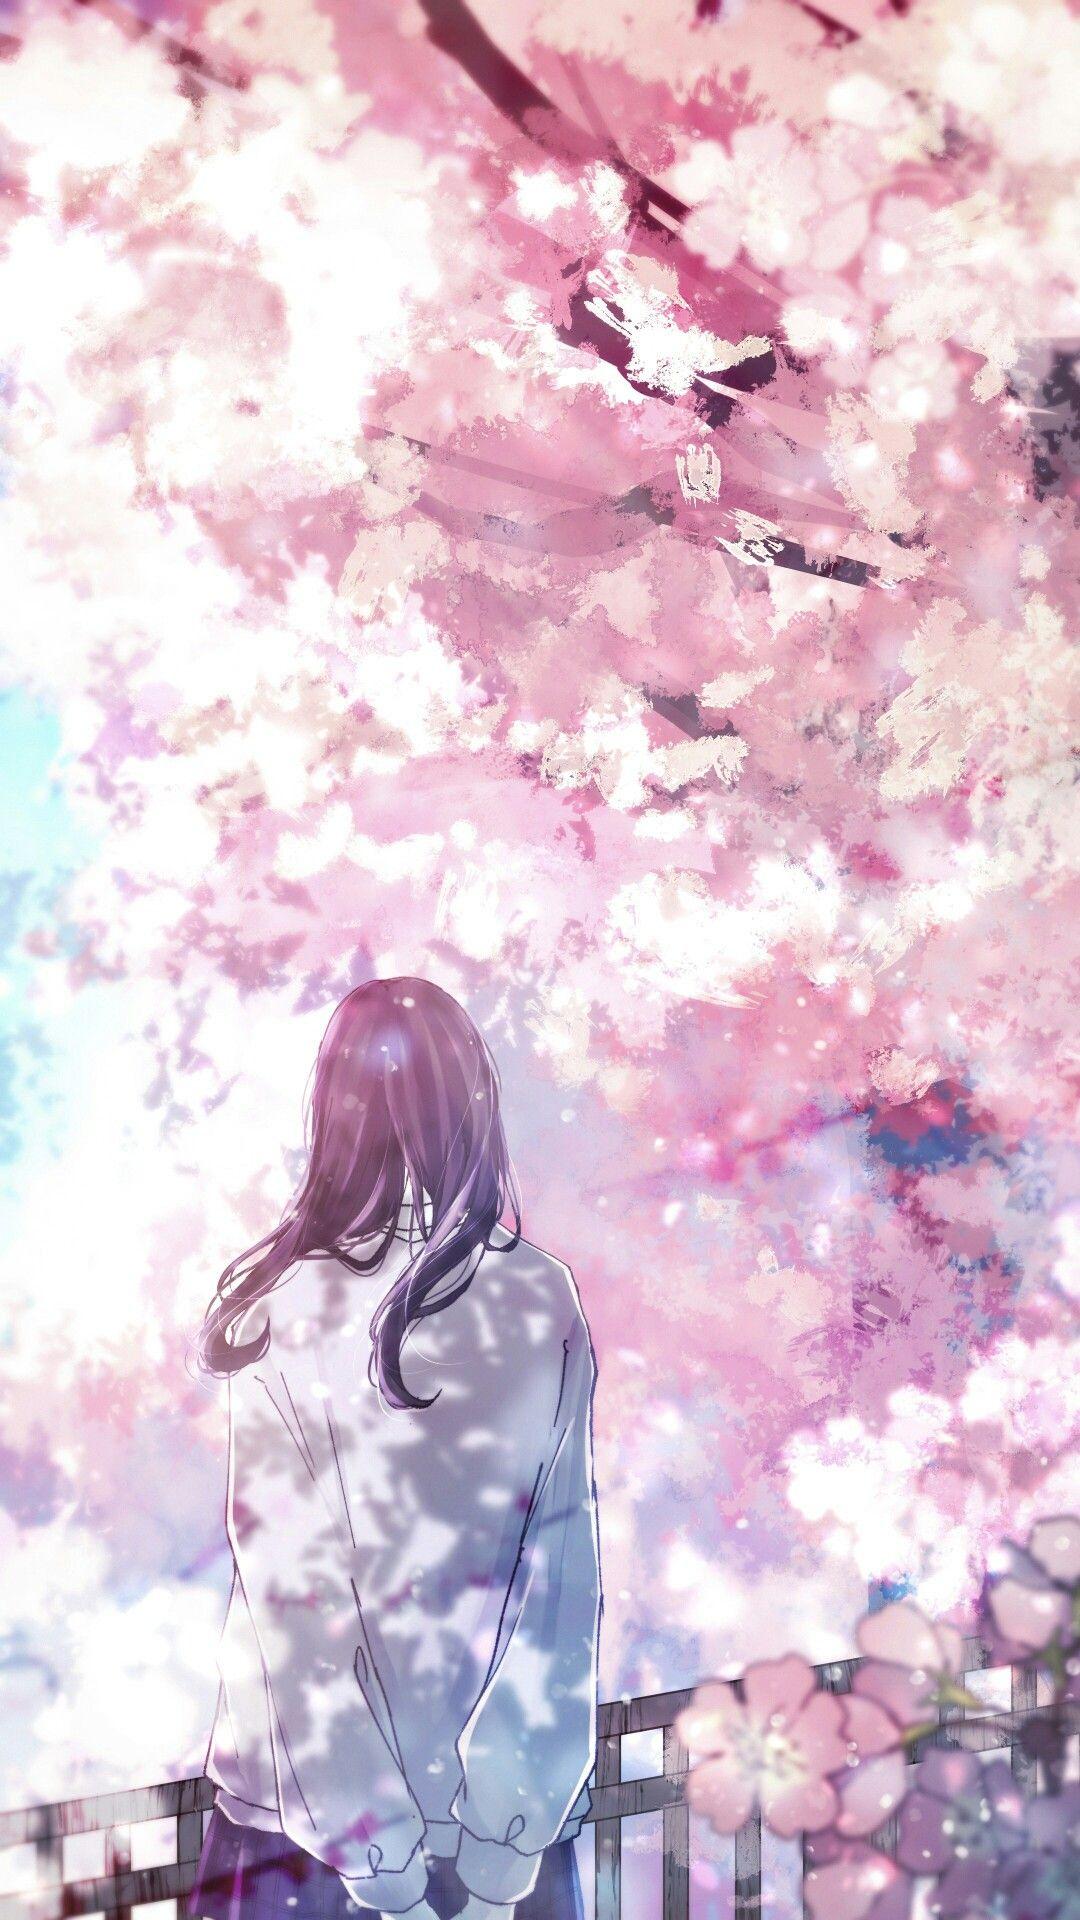 Pin oleh Rut salmaria di Anime gadis cantik di 2020